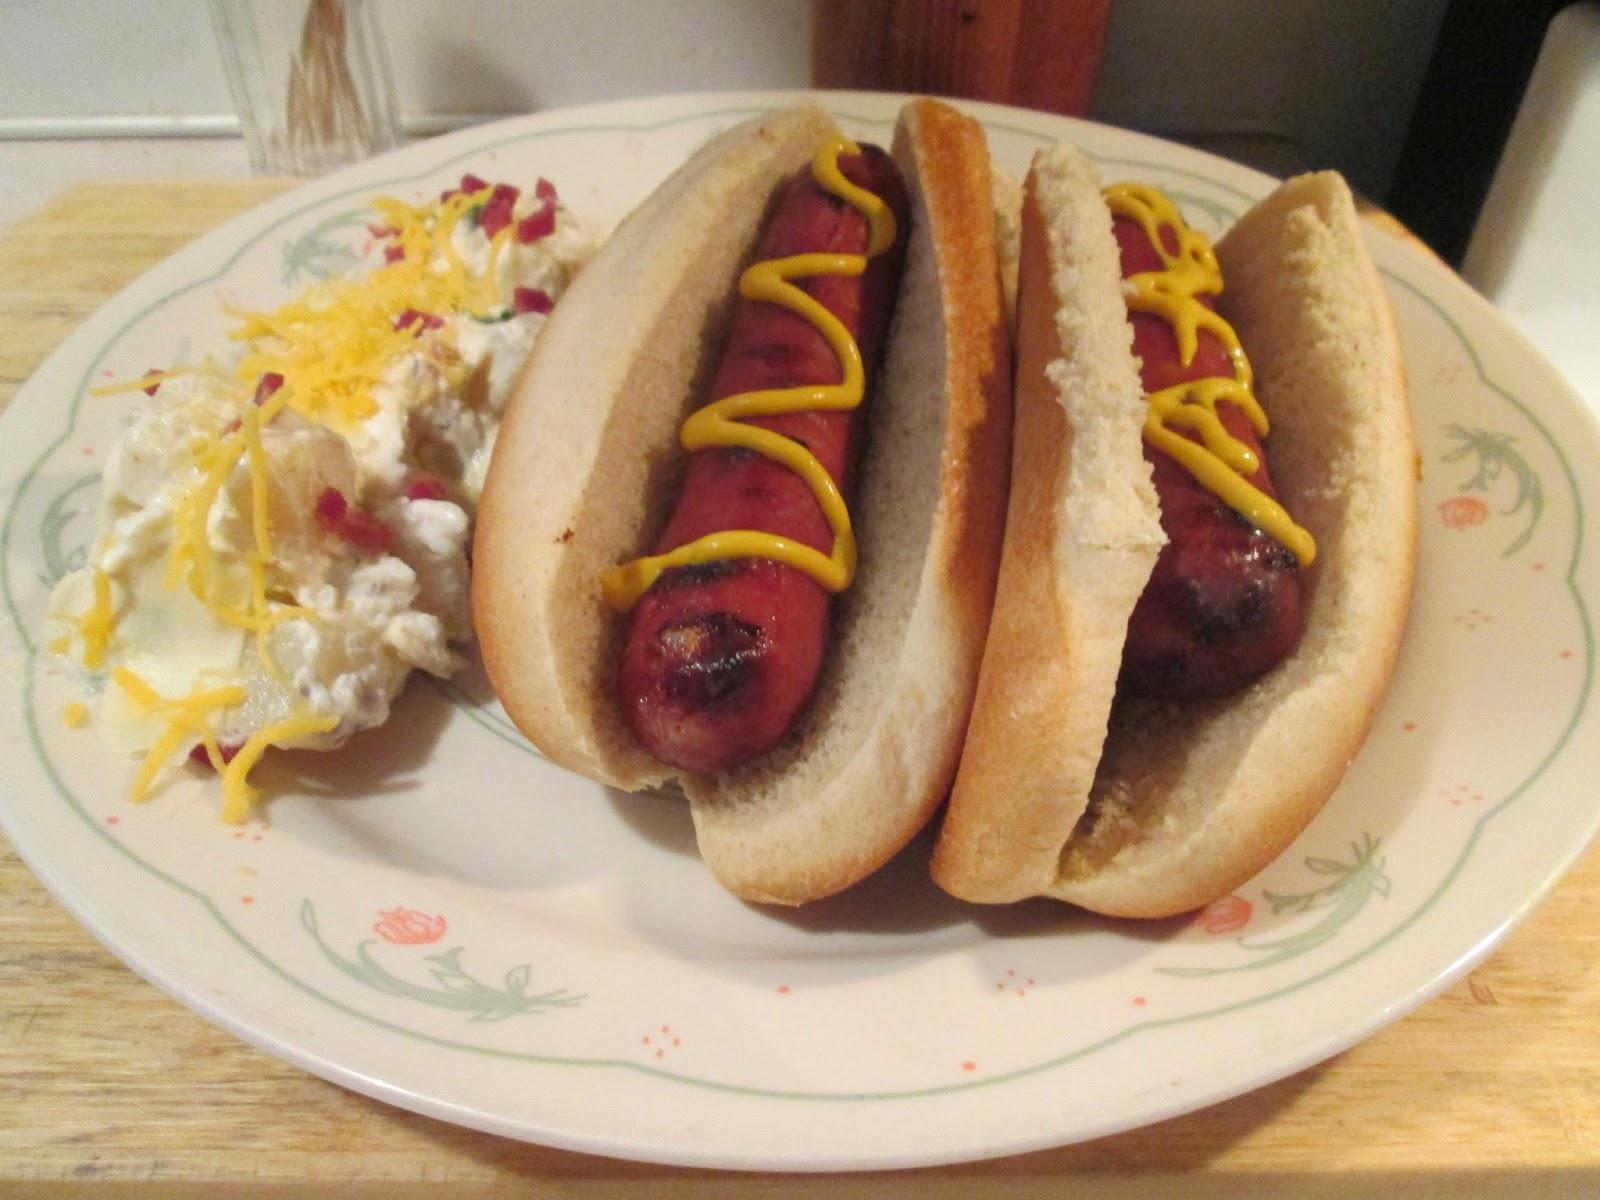 ... jalapeño jack turkey franks w/ cheddar and bacon potato salad